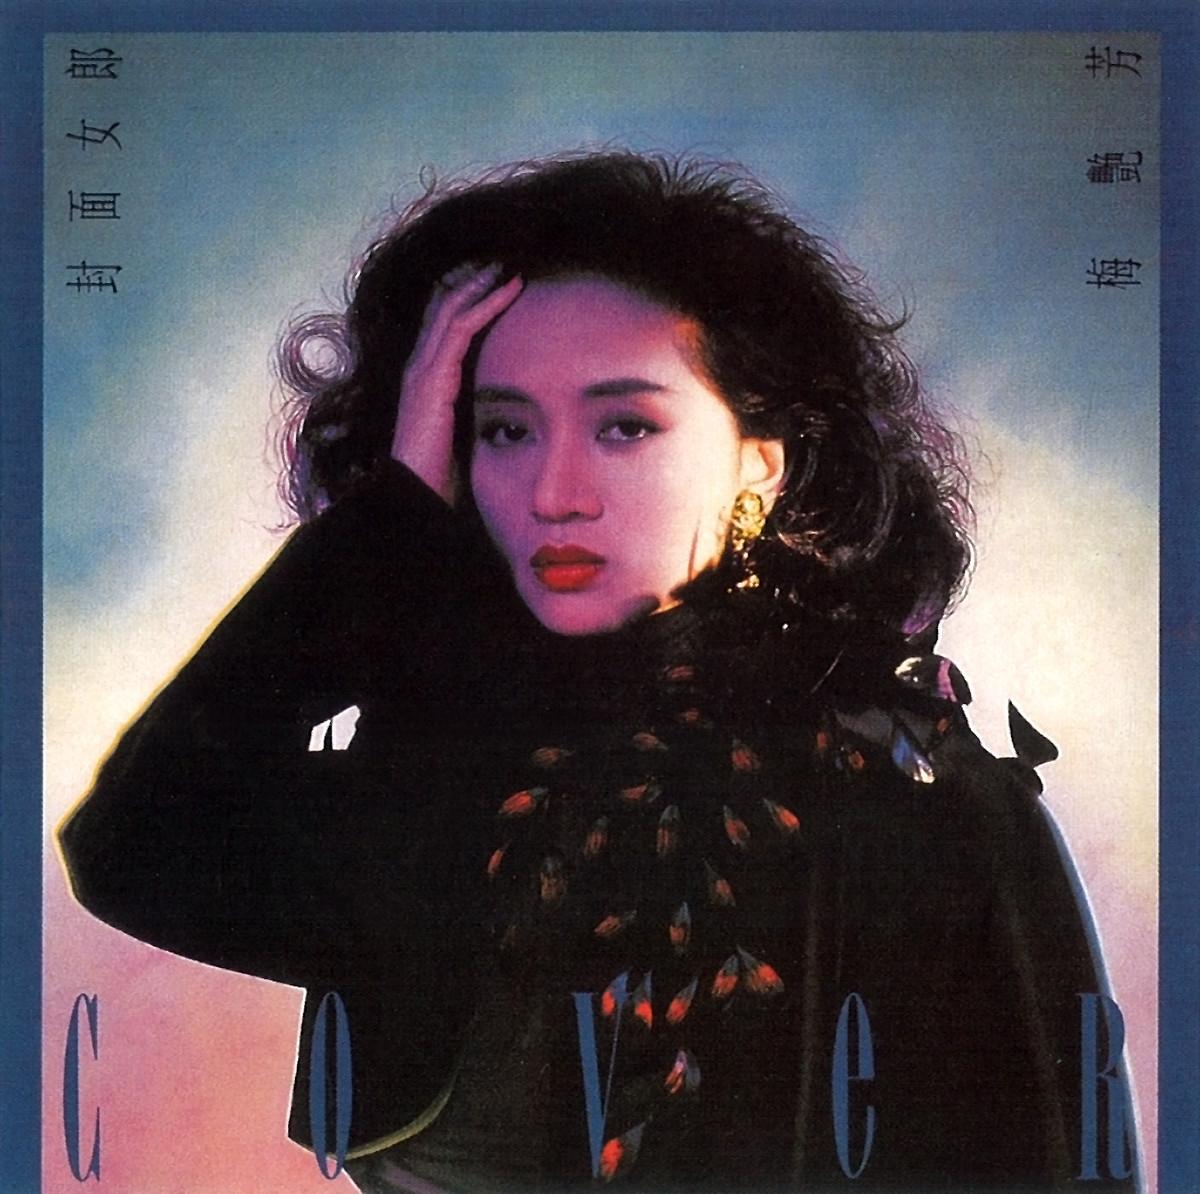 因为是陈松伶,让我想认真看一下林贞烈的部分 - 笑看风云 - 豆瓣